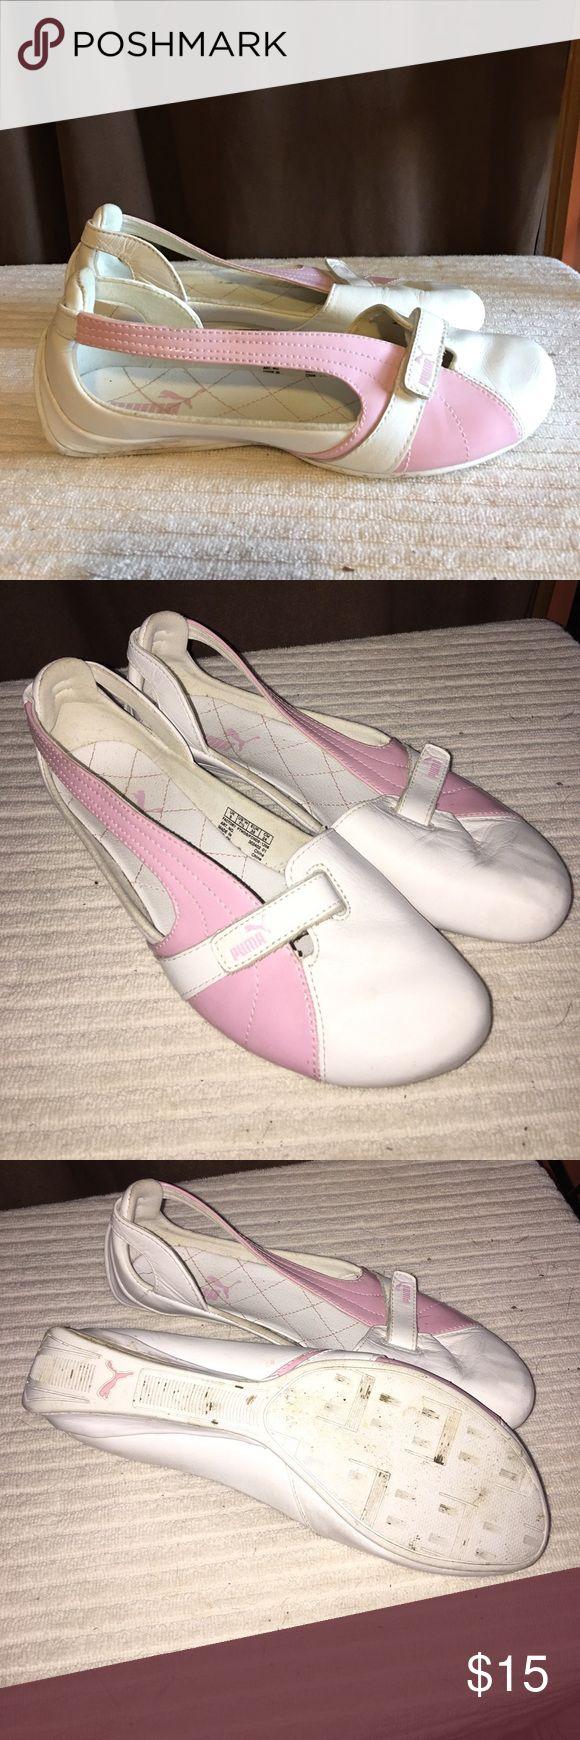 Puma casual shoes Gently worn Ladies Puma casual shoes. Size 7.5 Puma Shoes Athletic Shoes